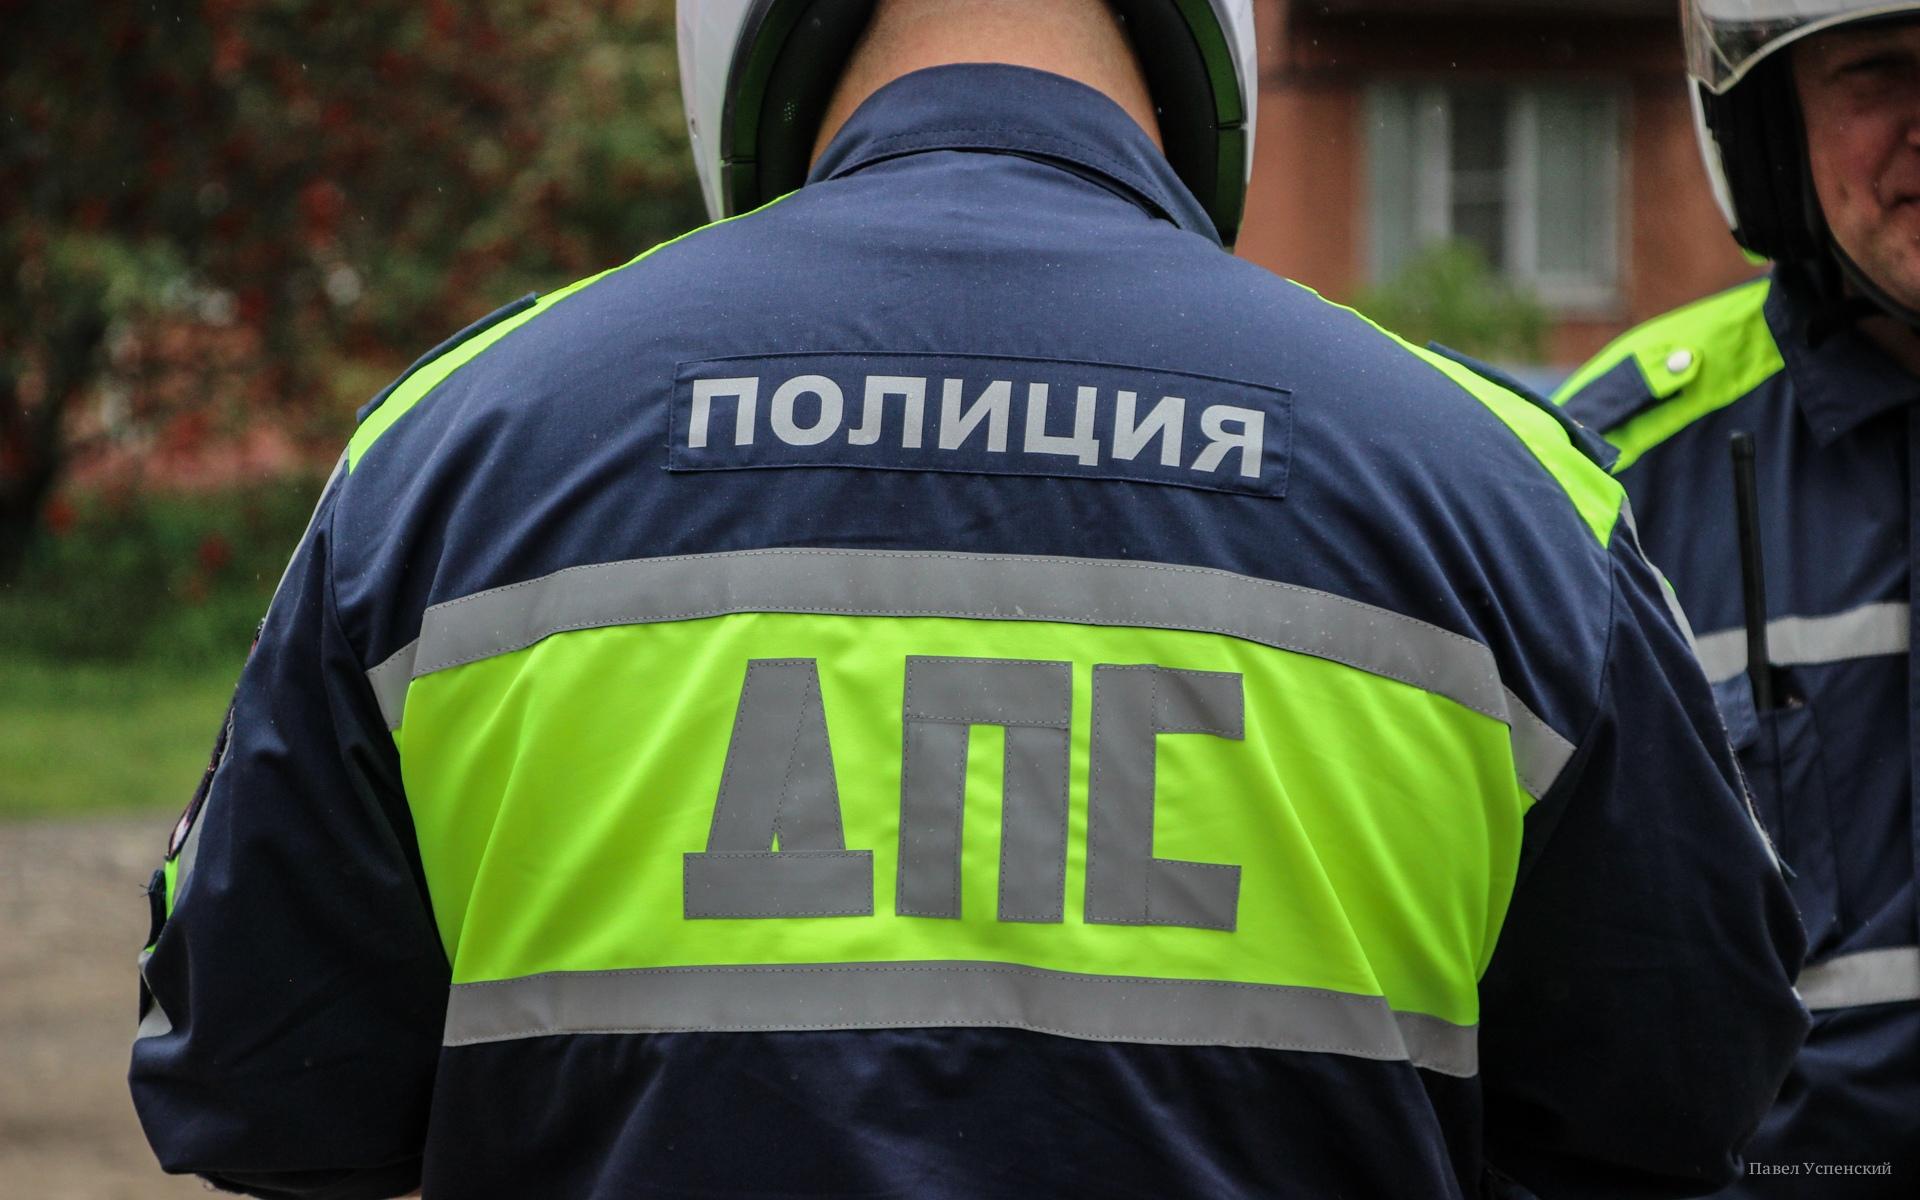 Лишенный прав мотоциклист попал в ДТП в Тверской области - новости Афанасий